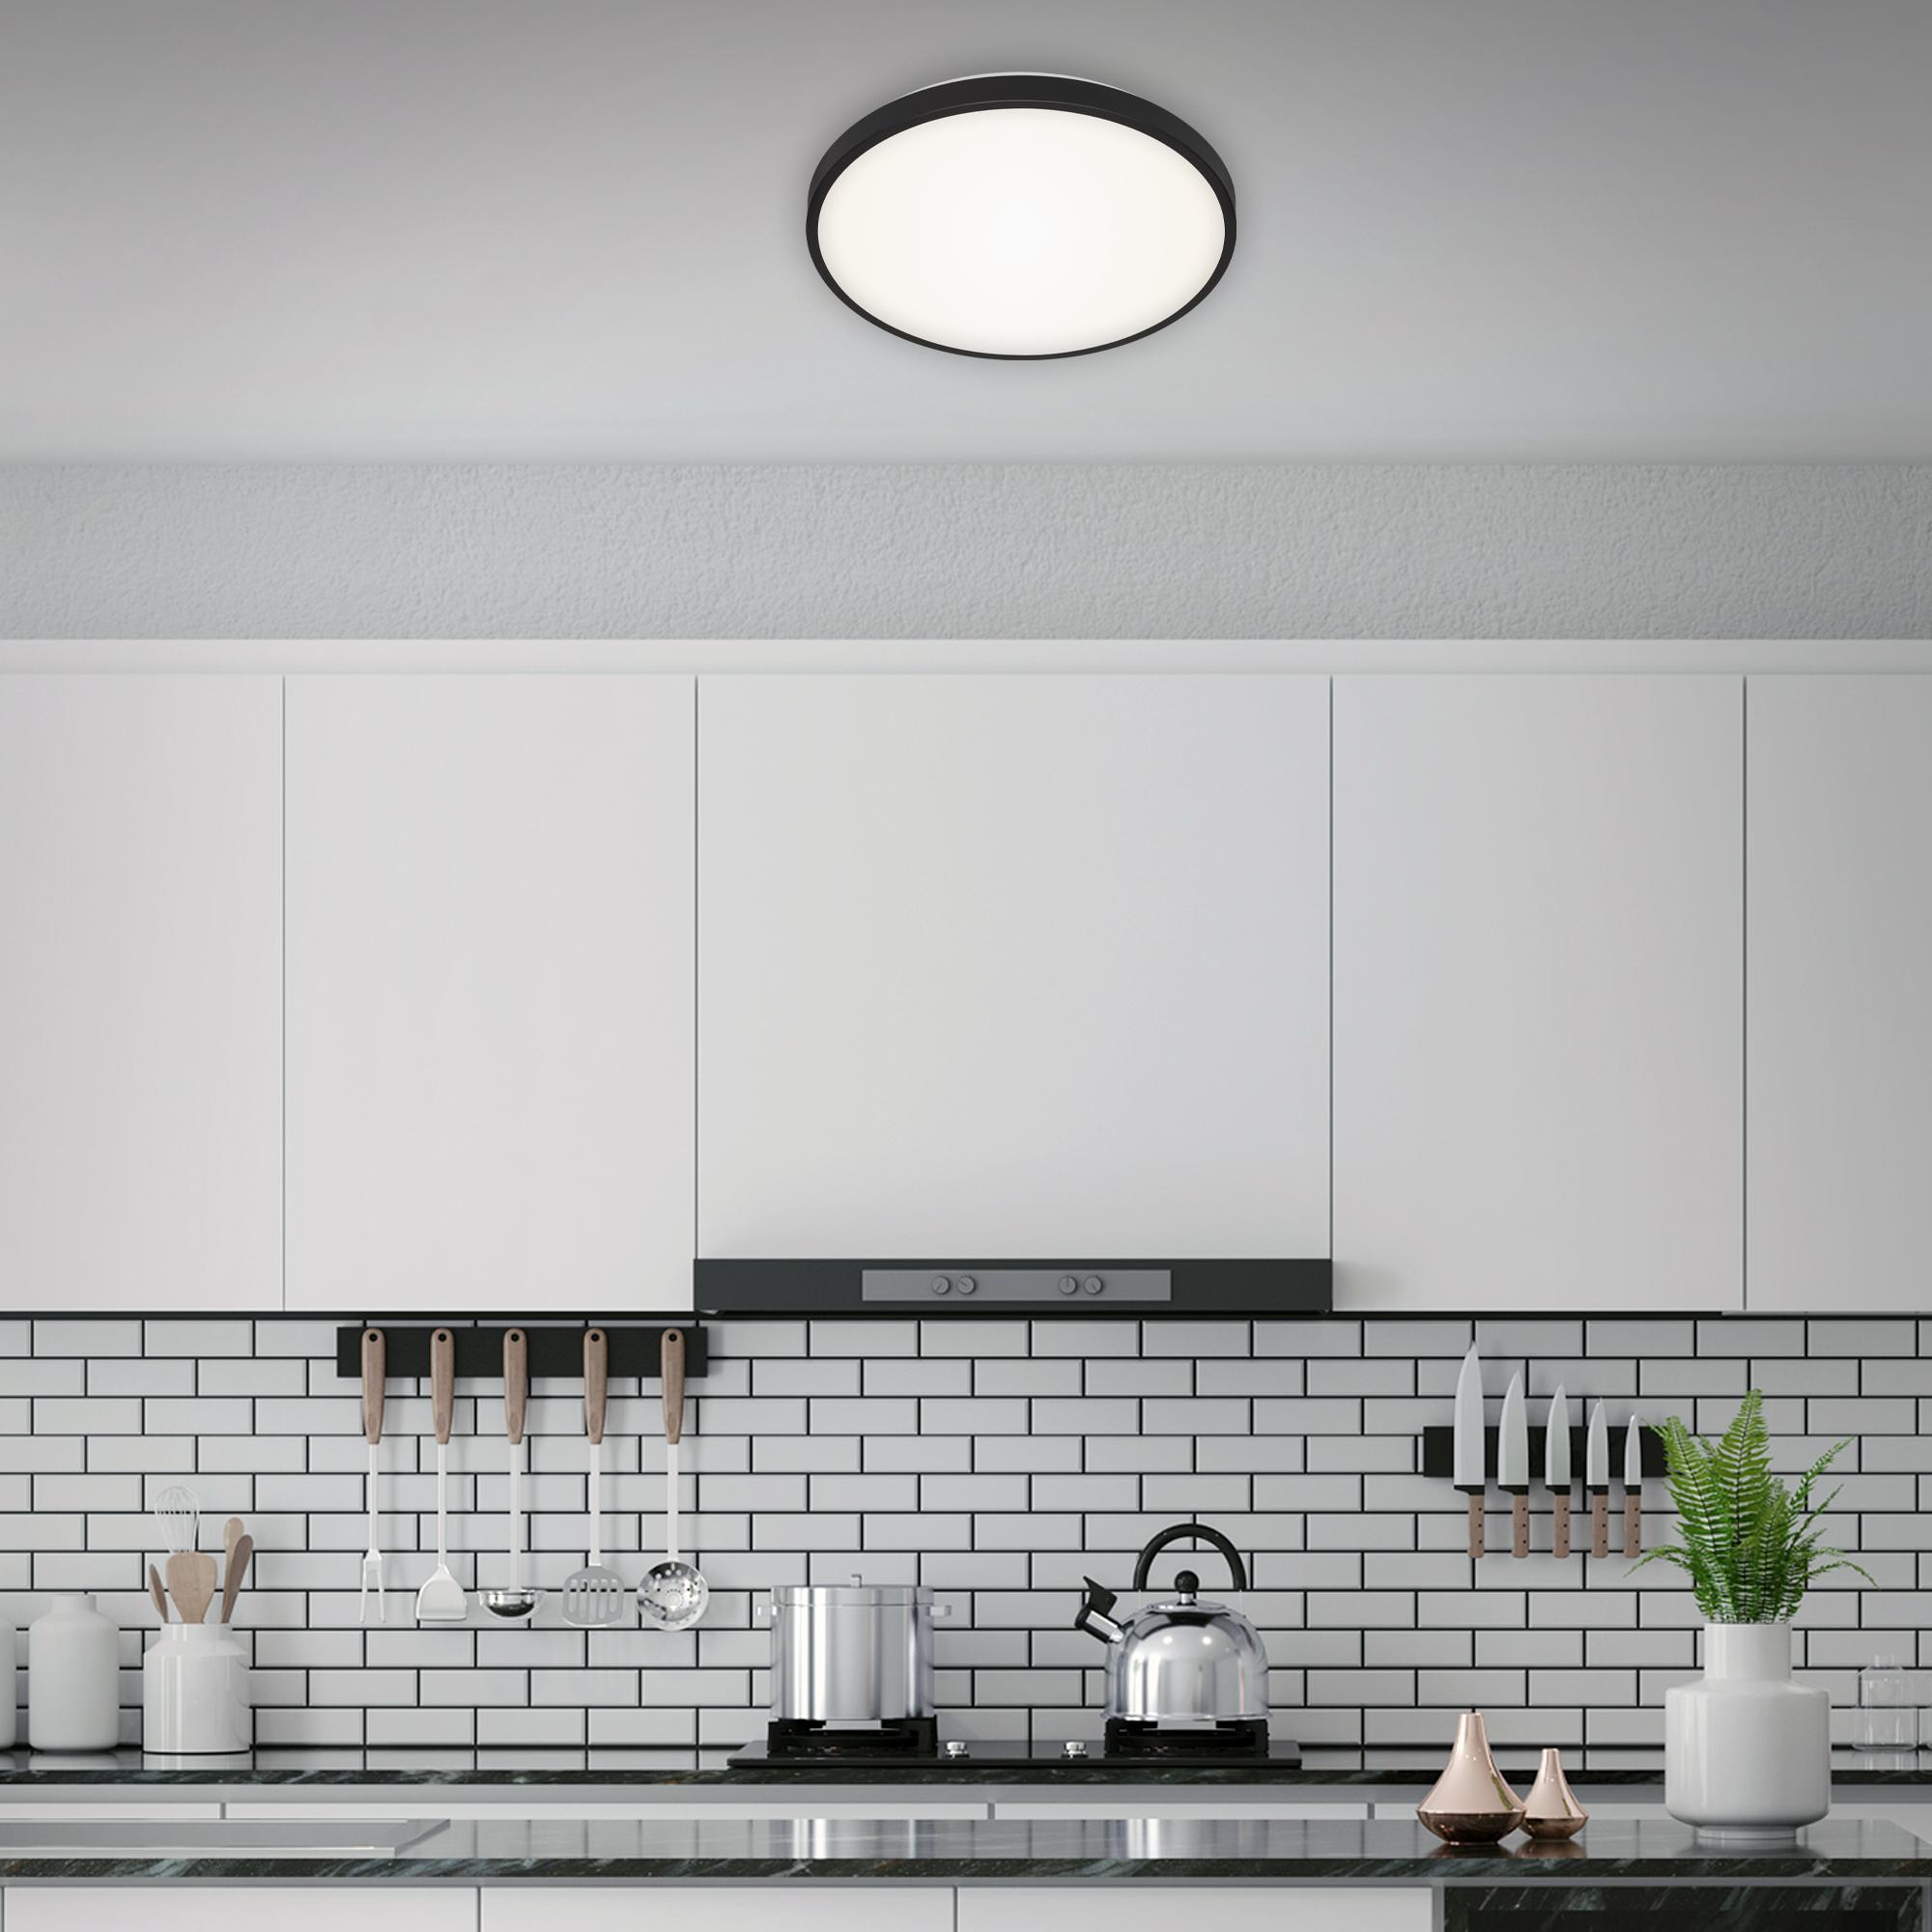 LED Deckenleuchte, Ø 38,5 cm, 24 W, Schwarz